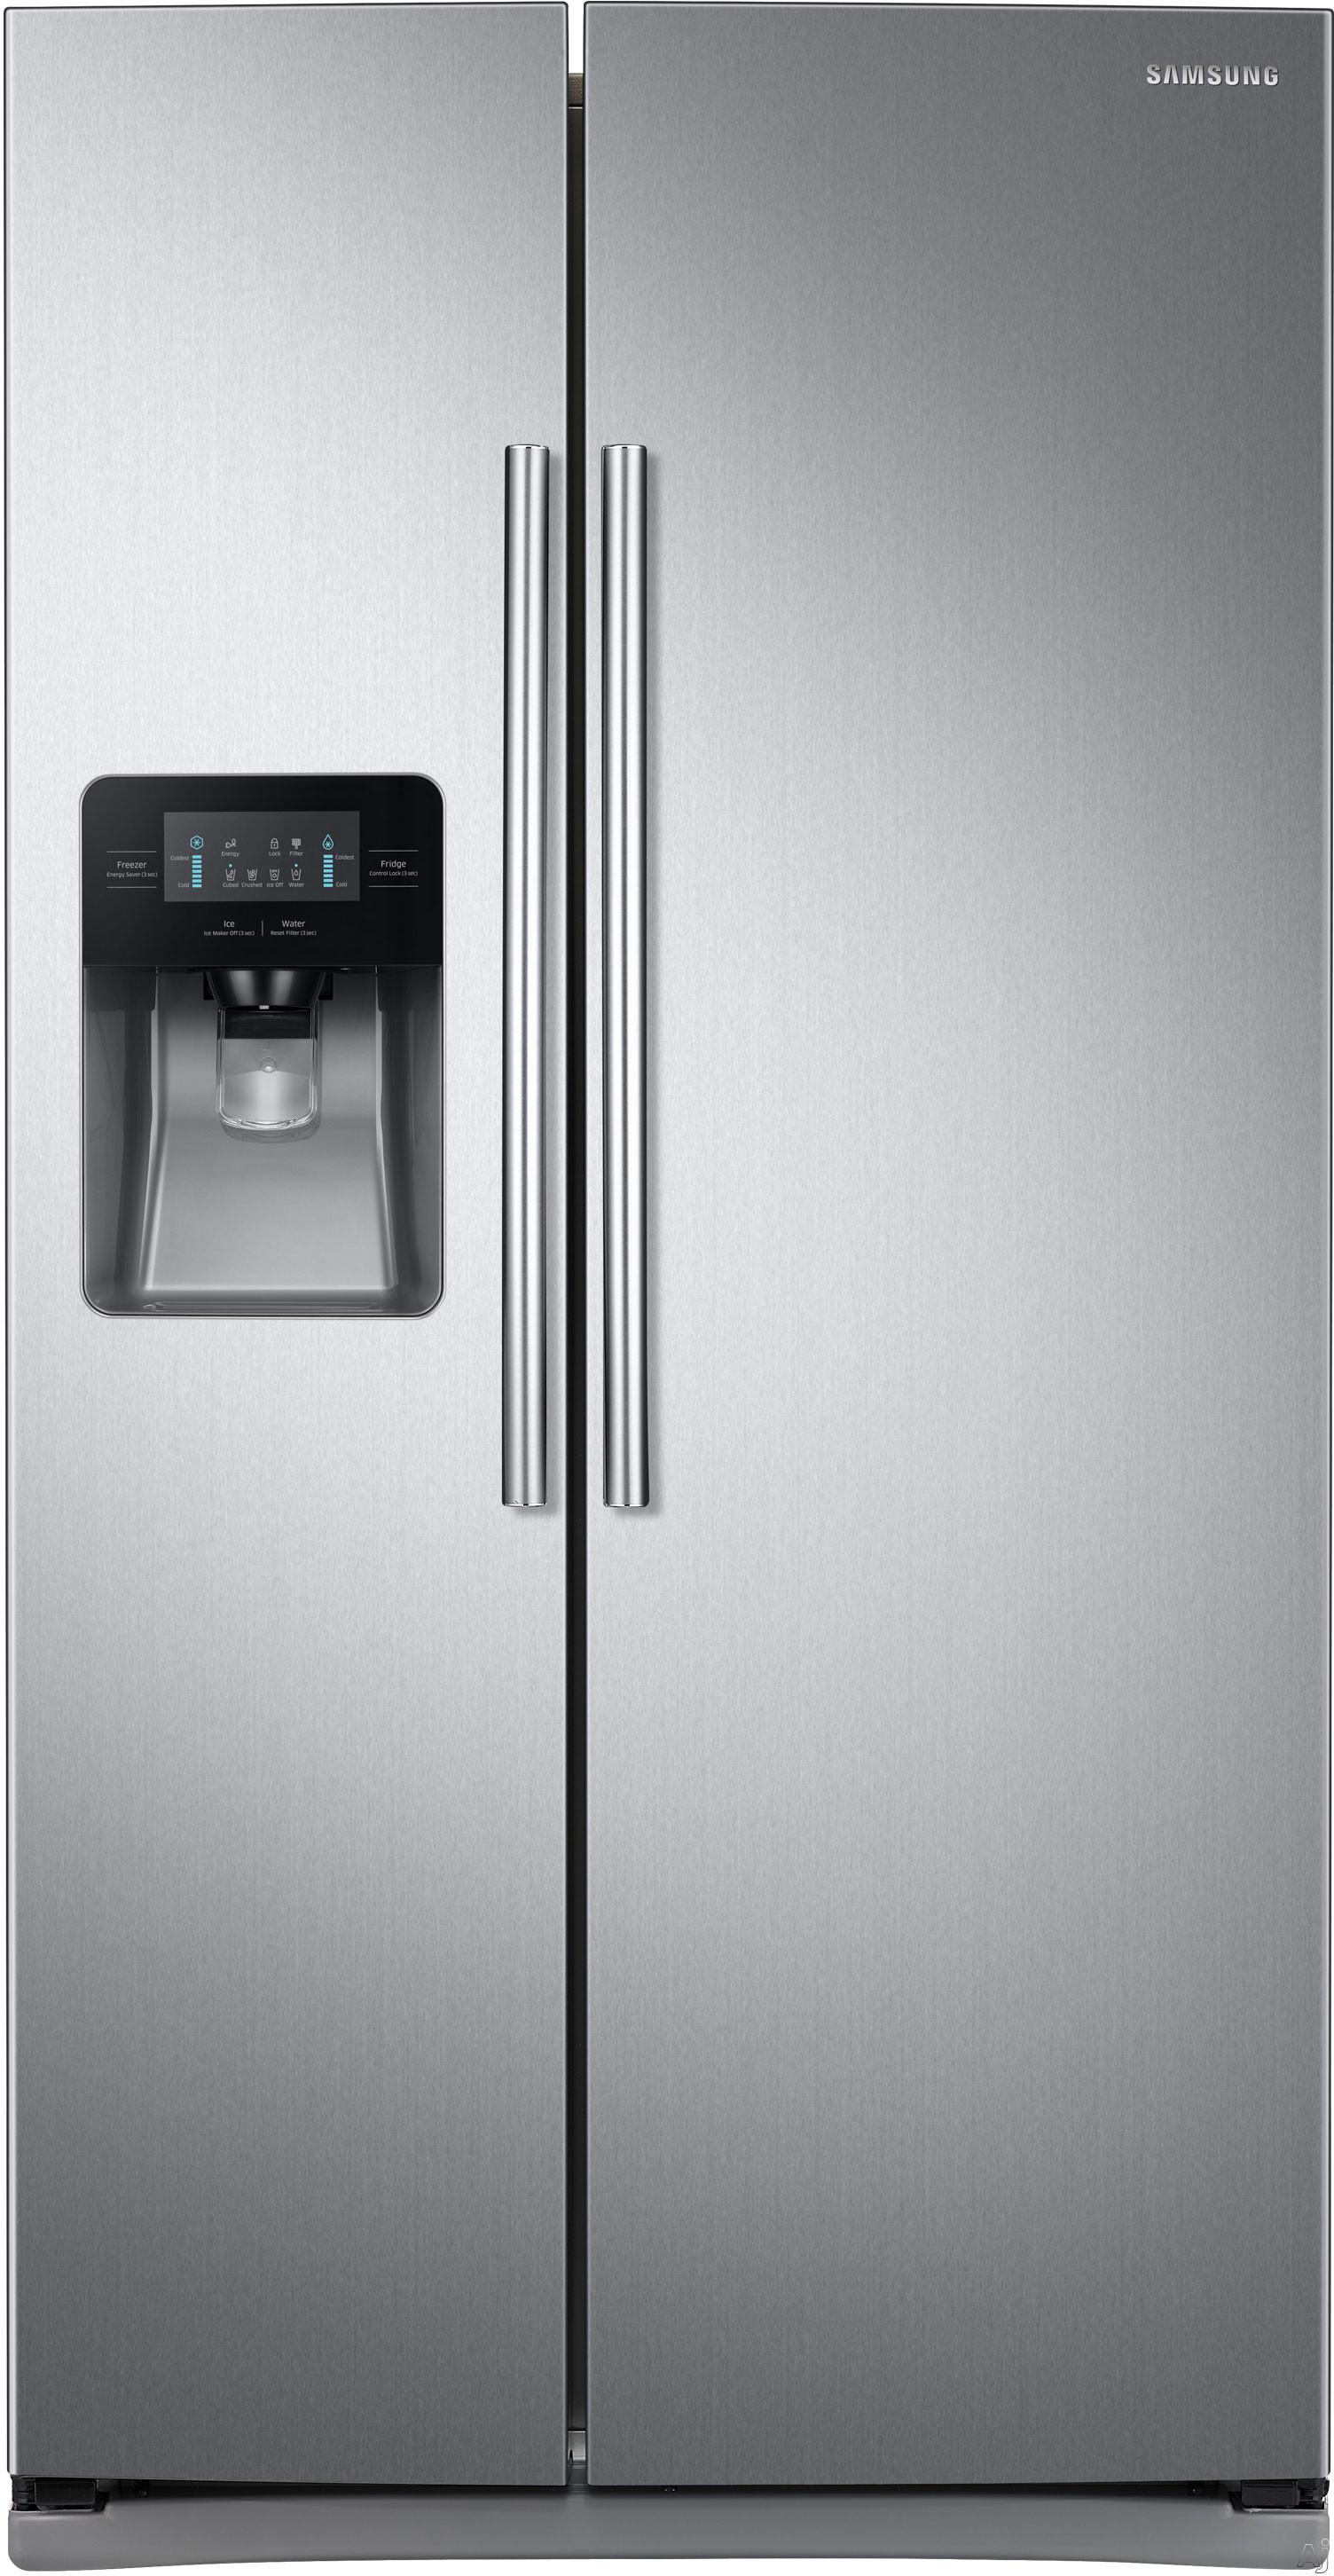 samsung rs25j500dsr 36 inch side by side refrigerator with. Black Bedroom Furniture Sets. Home Design Ideas